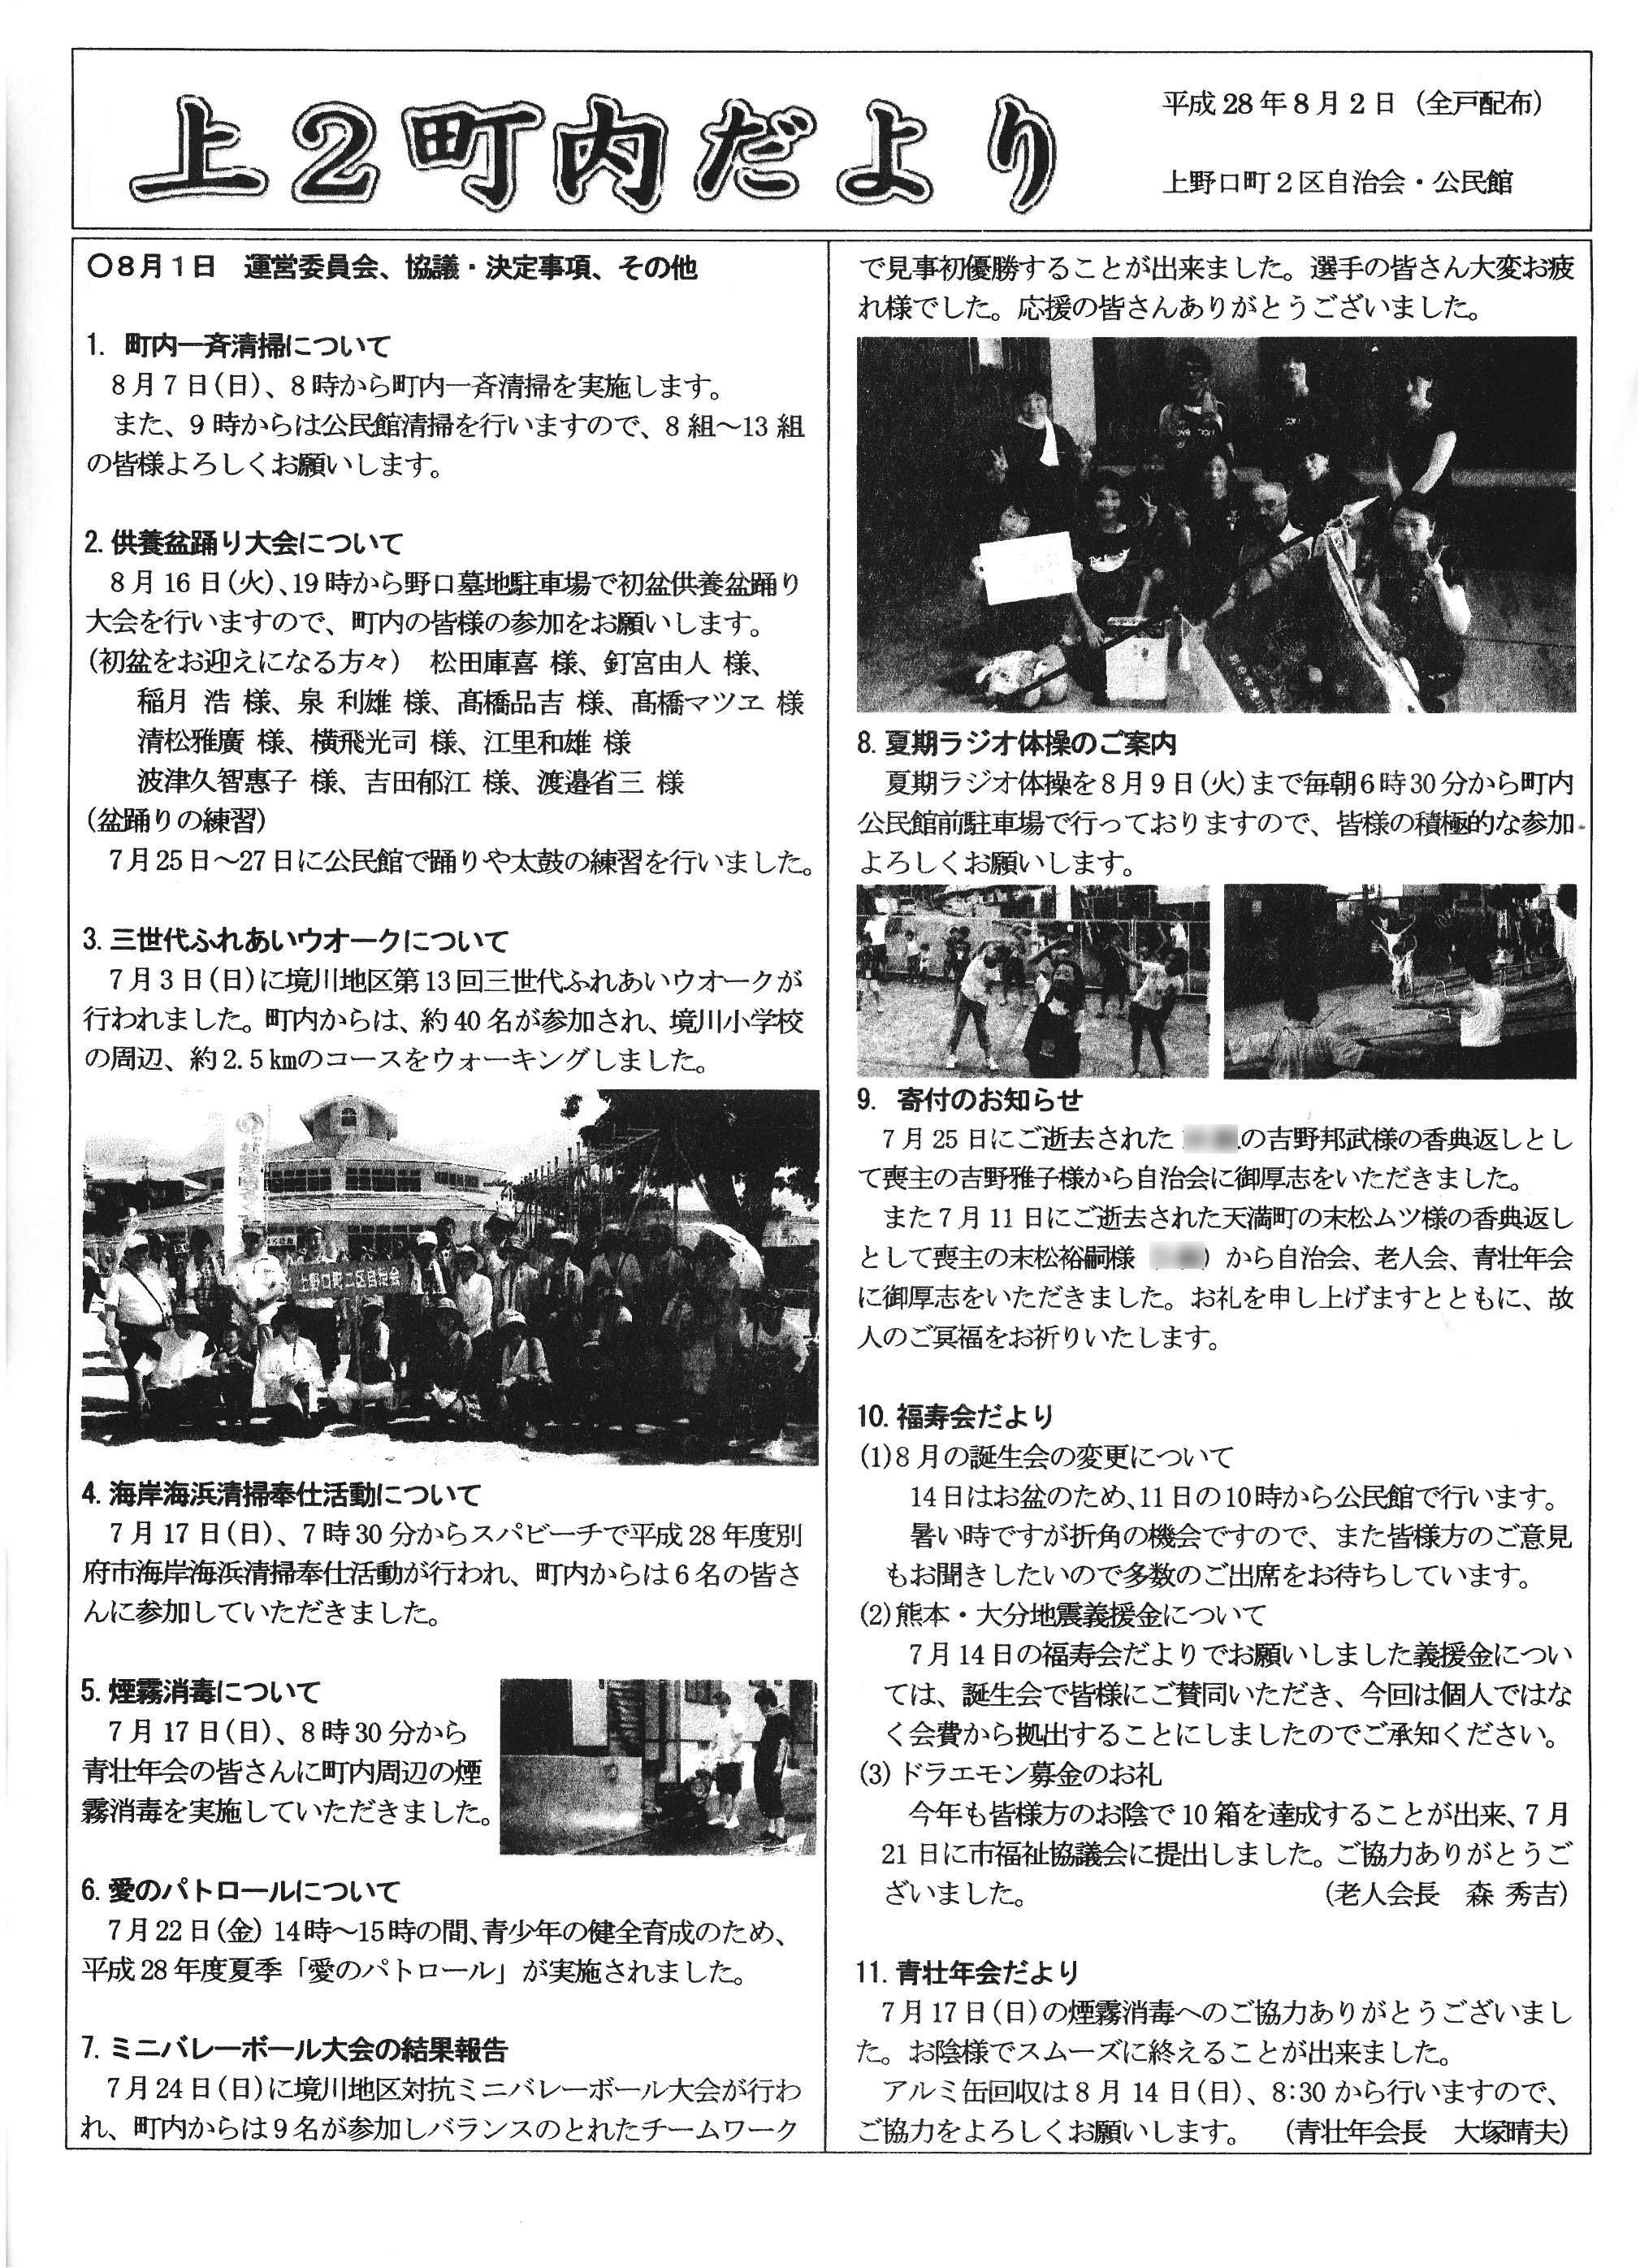 kaminoguchi_201608